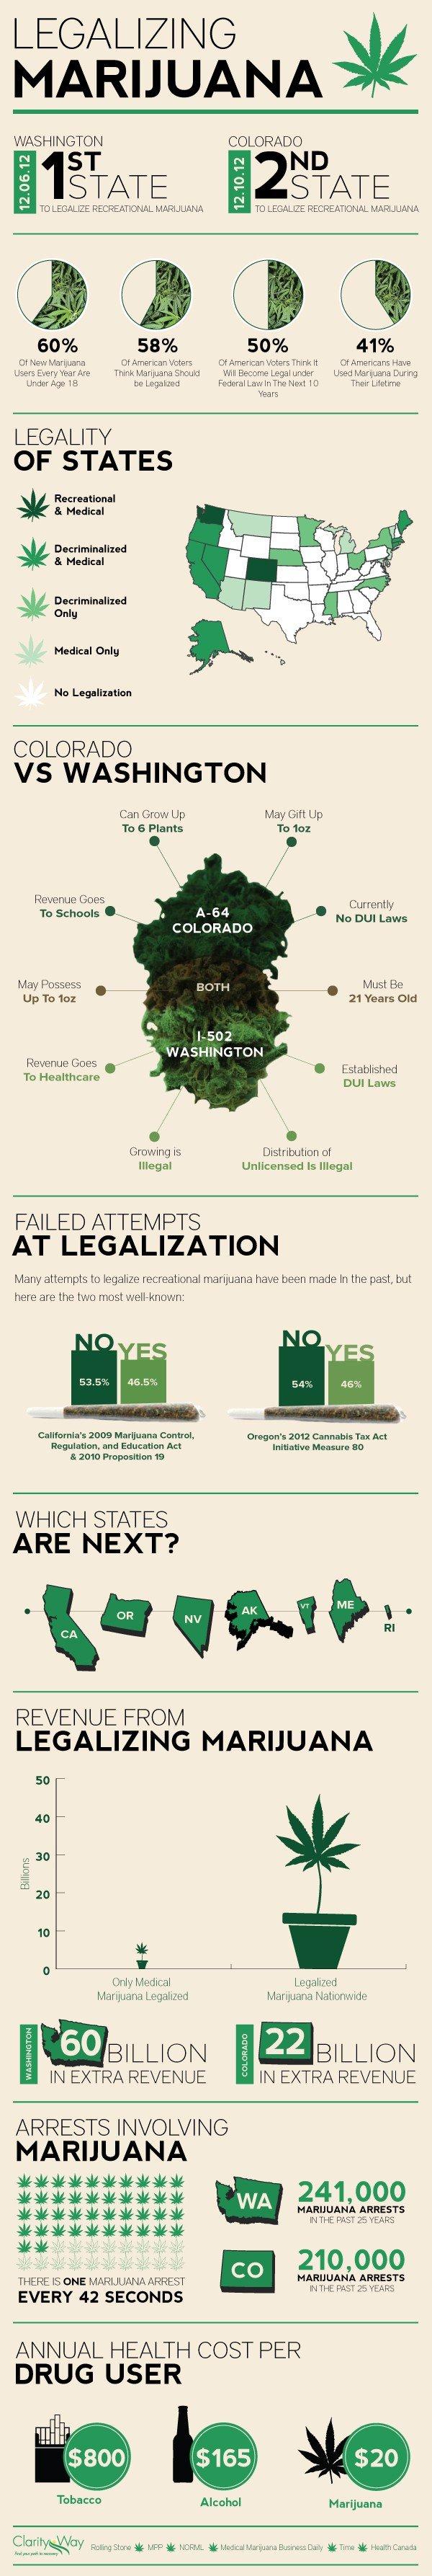 Legalizing-Marijuana-Infographic-v2